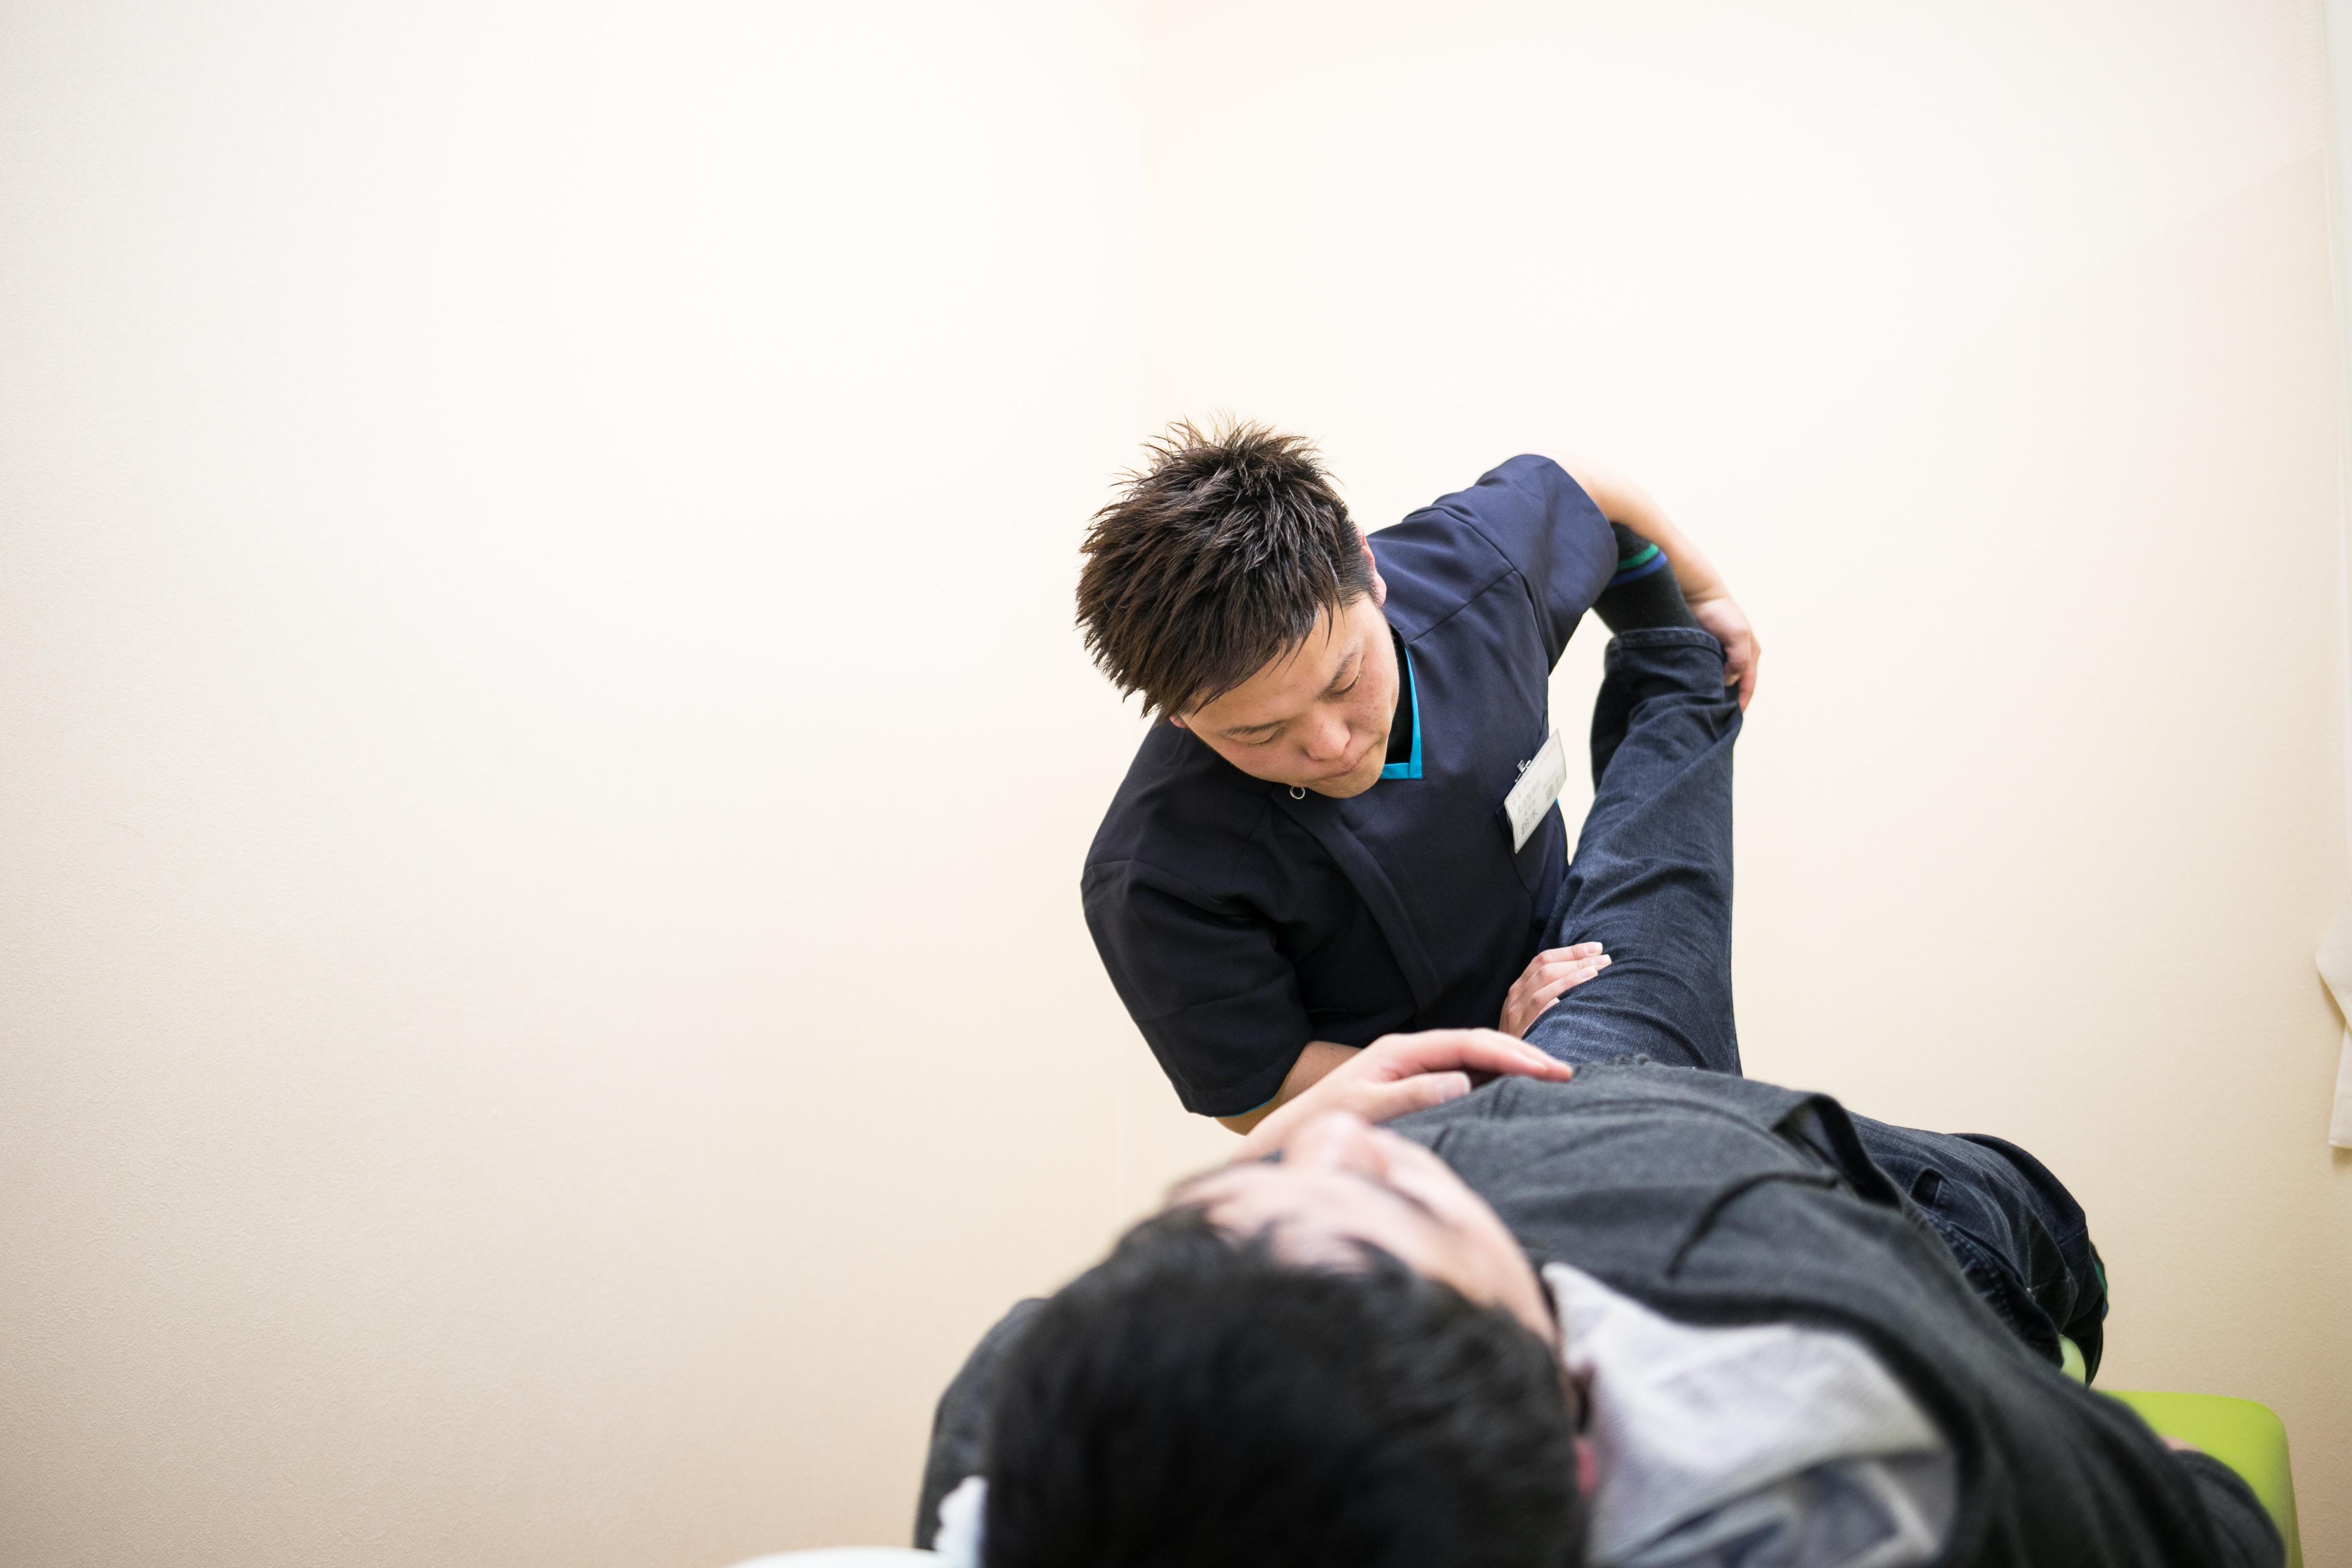 痺れ|田村市げんじろう針灸接骨院